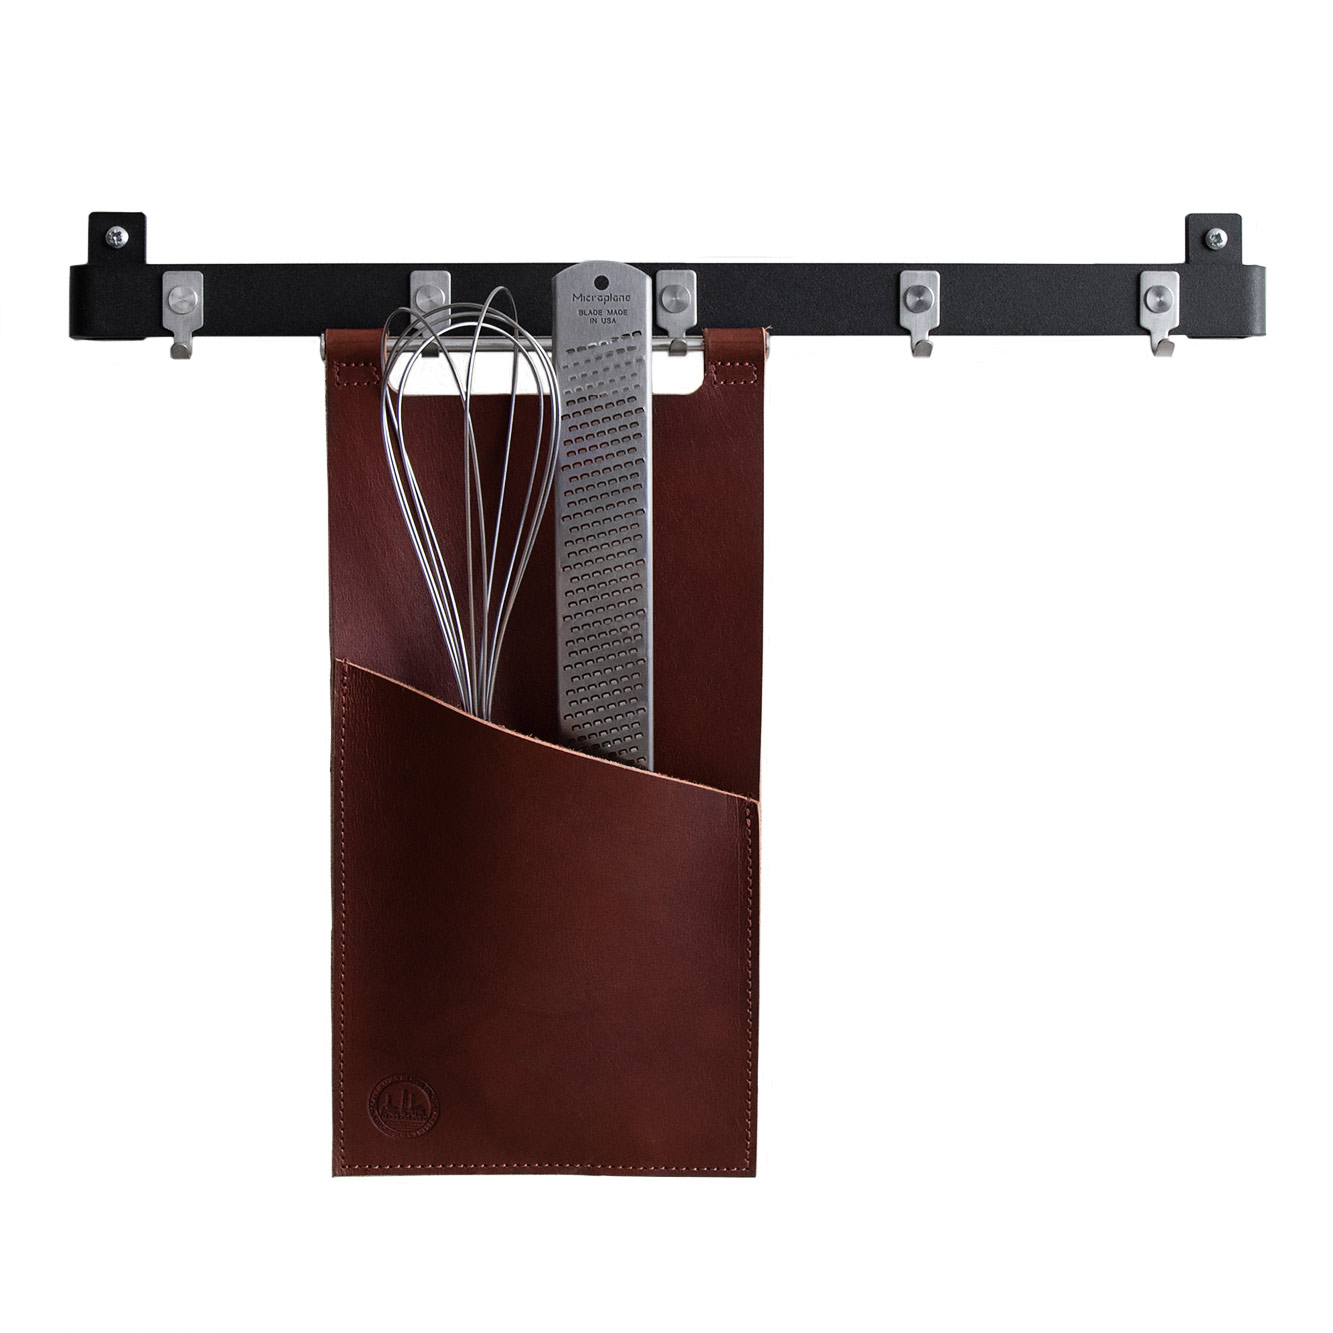 Image of Scandinavian Design Factory-Tasche für Küchenutensilien 30x15cm, Braun